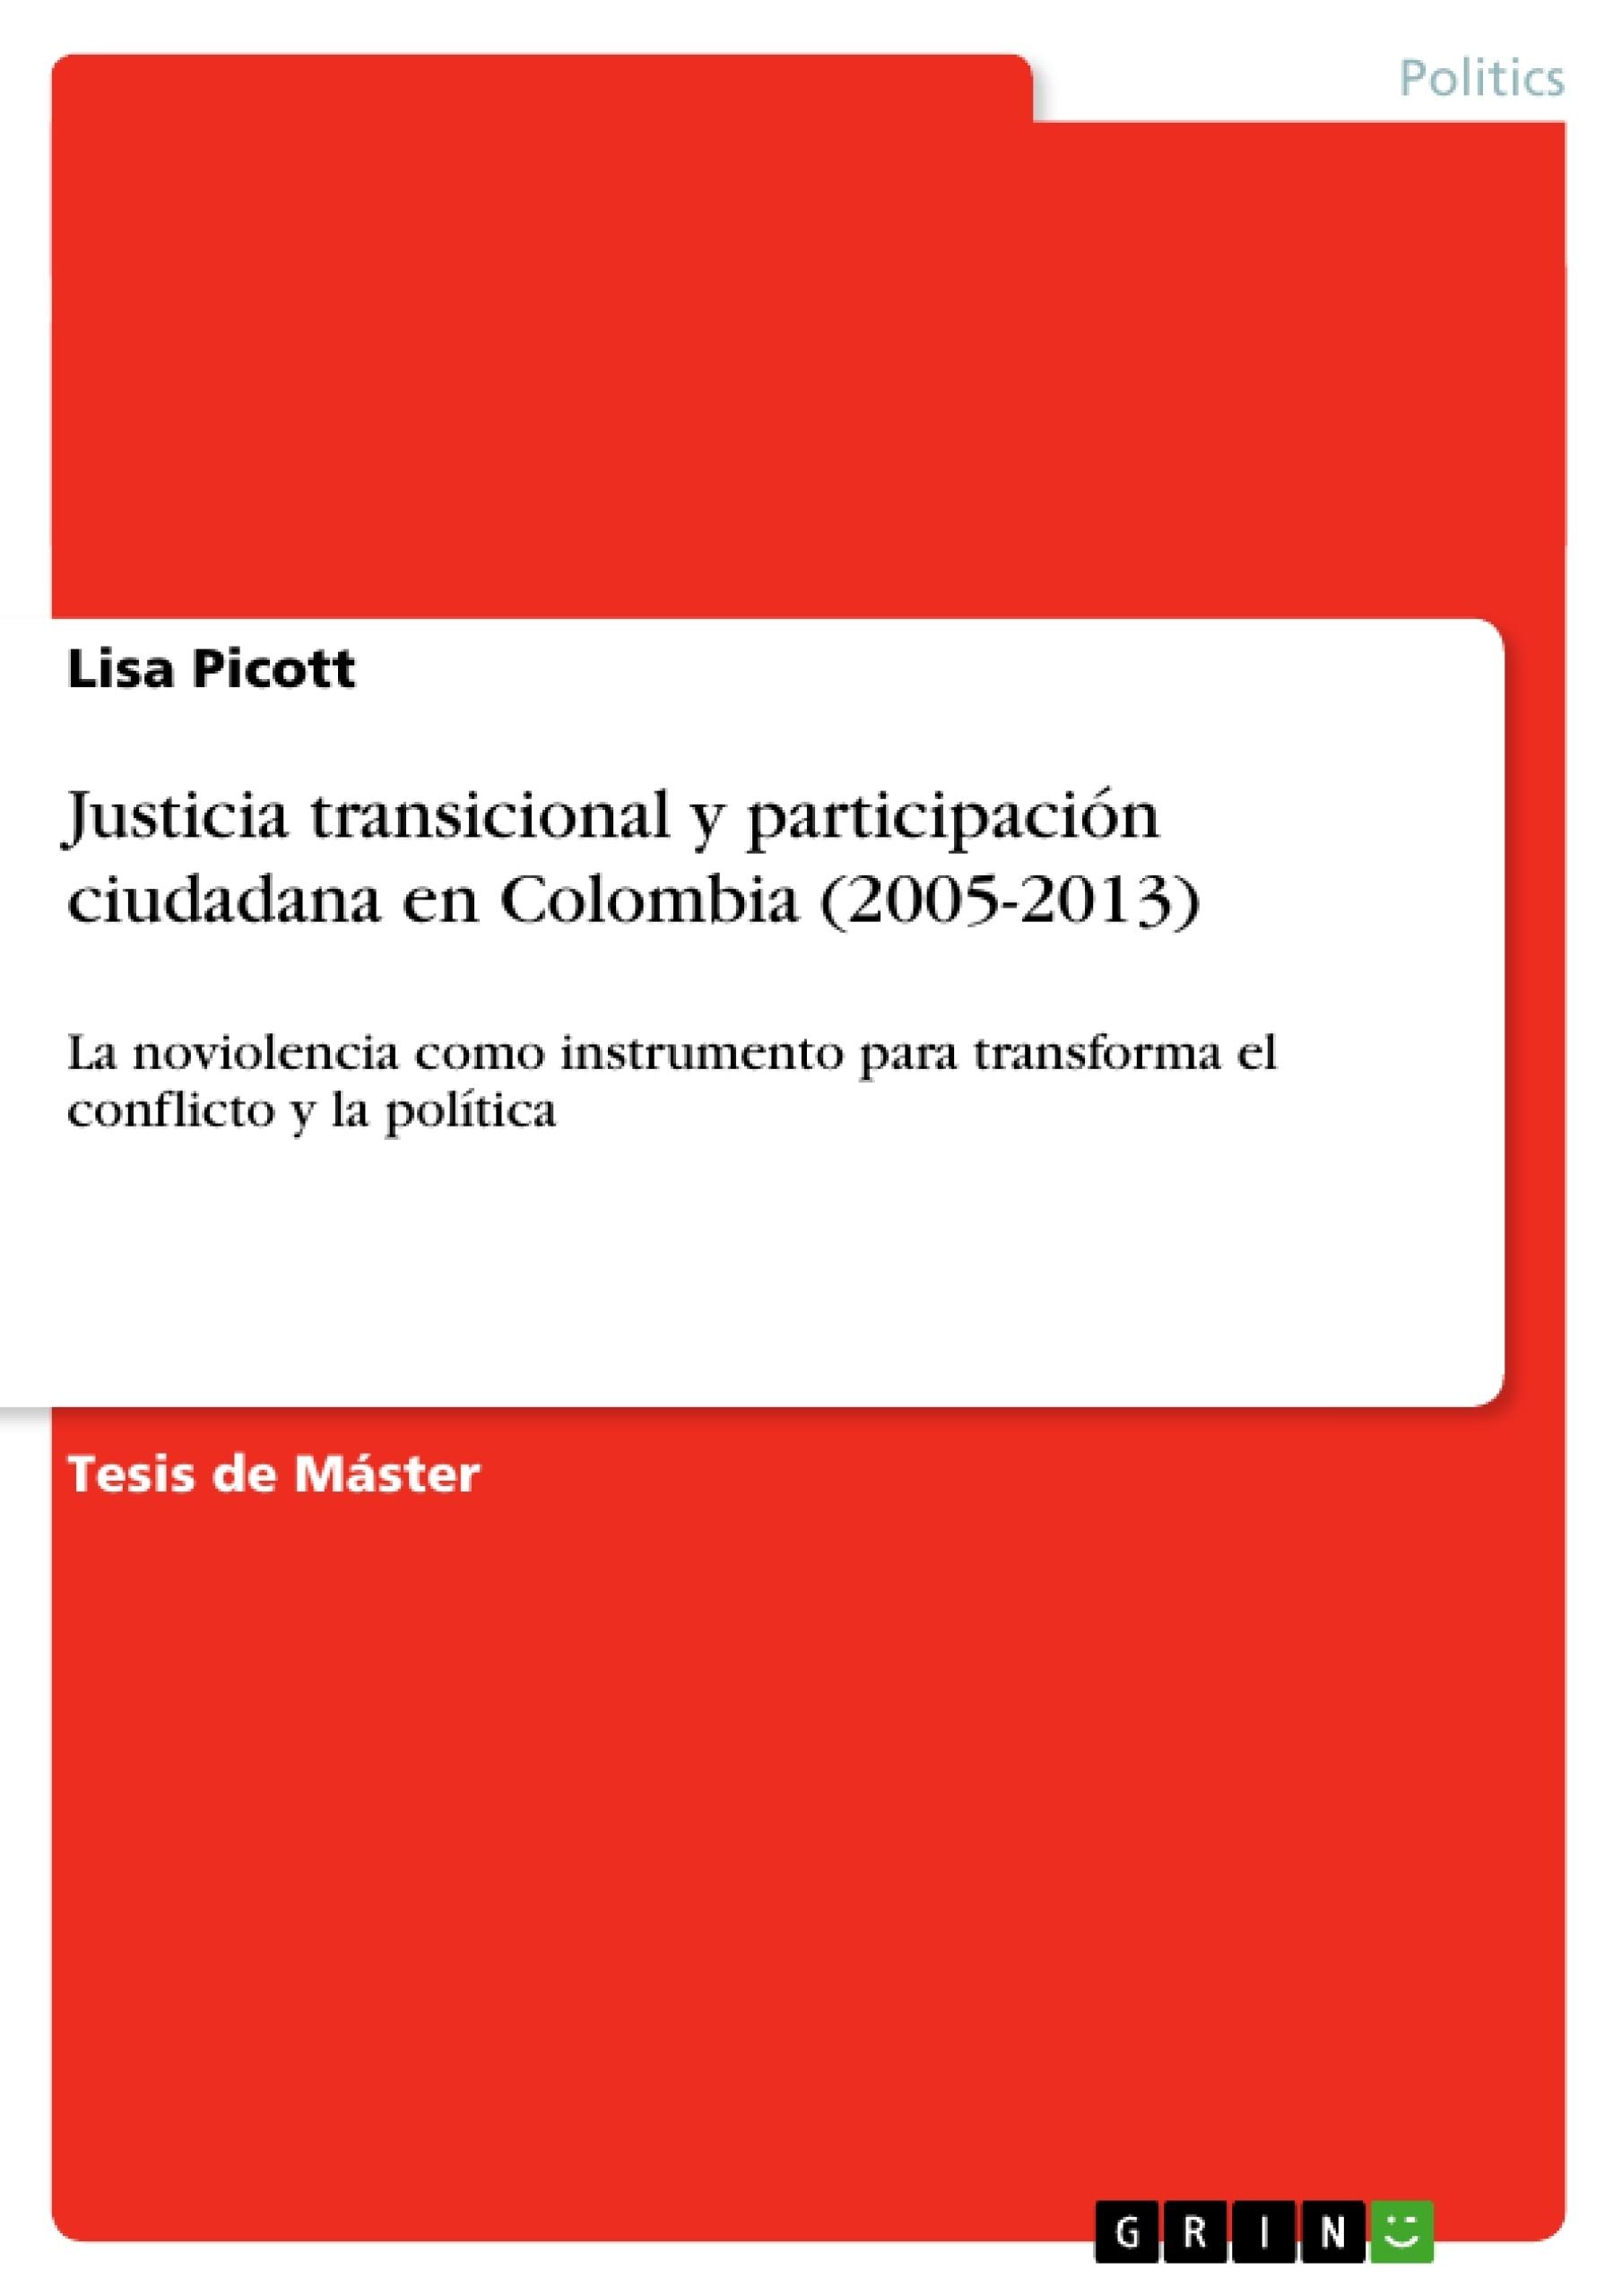 Título: Justicia transicional y participación ciudadana en Colombia (2005-2013)